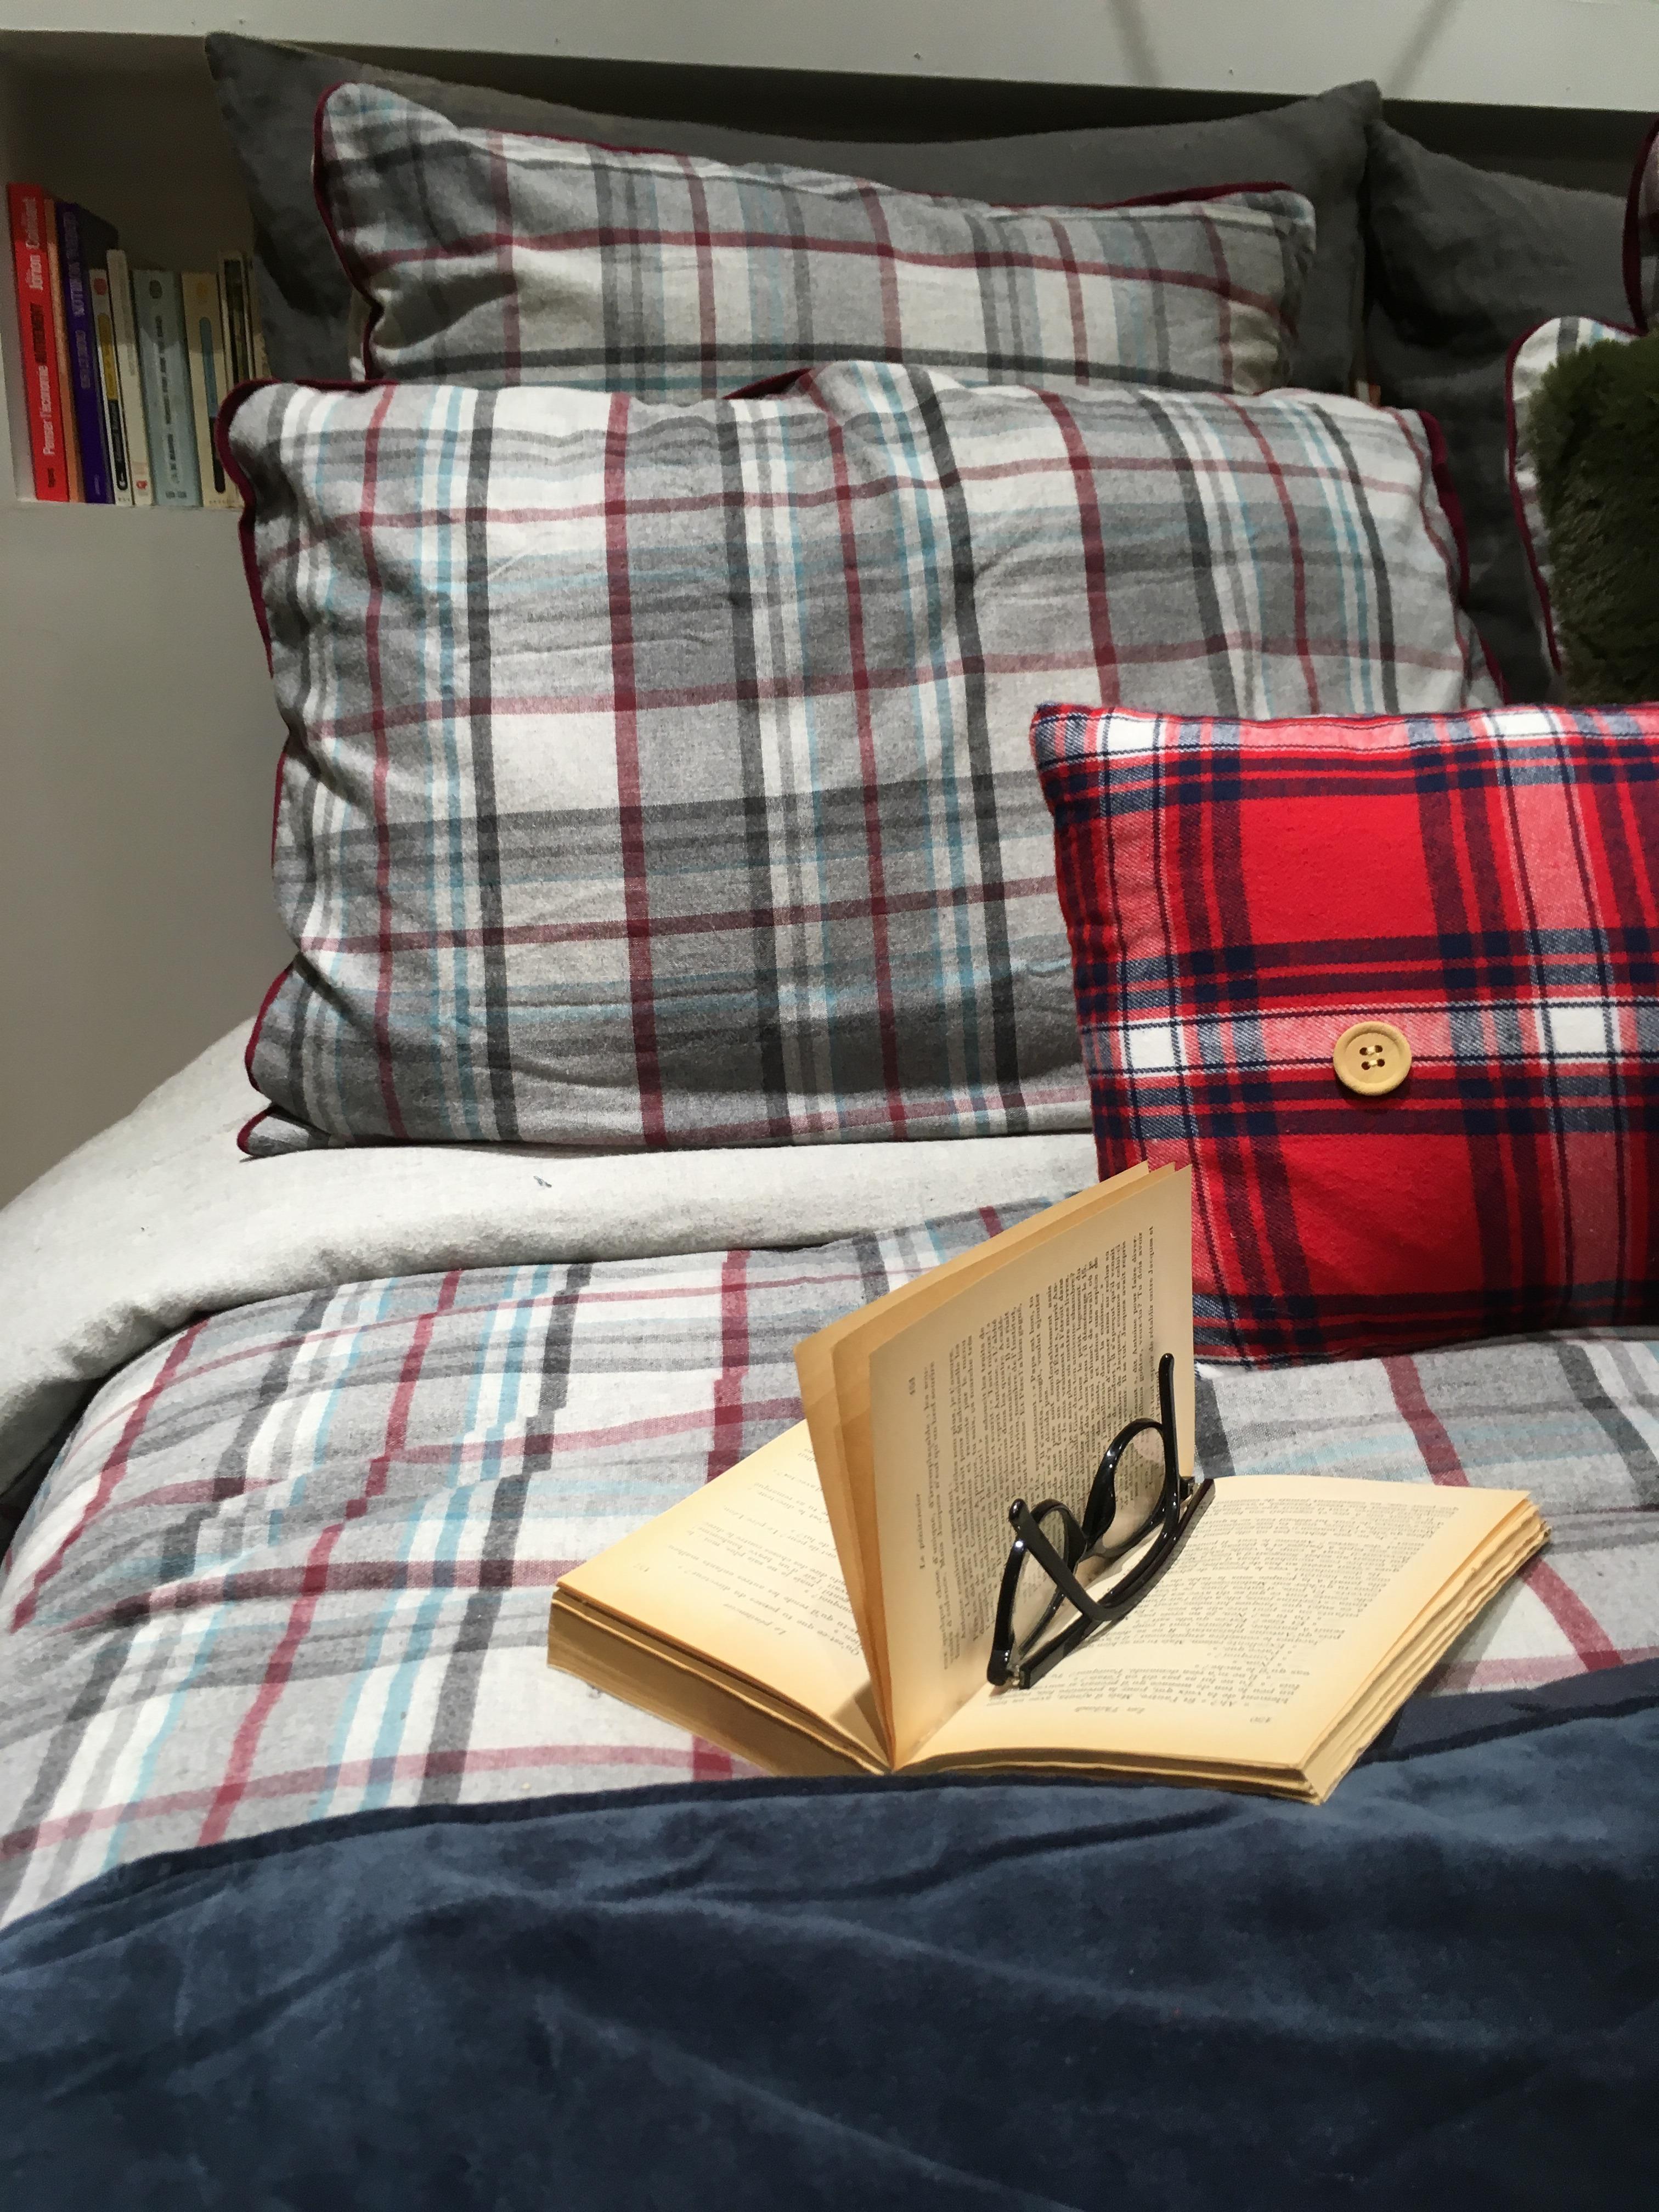 j 39 ai test pour vous mon lit en flanelle pour l 39 hiver. Black Bedroom Furniture Sets. Home Design Ideas